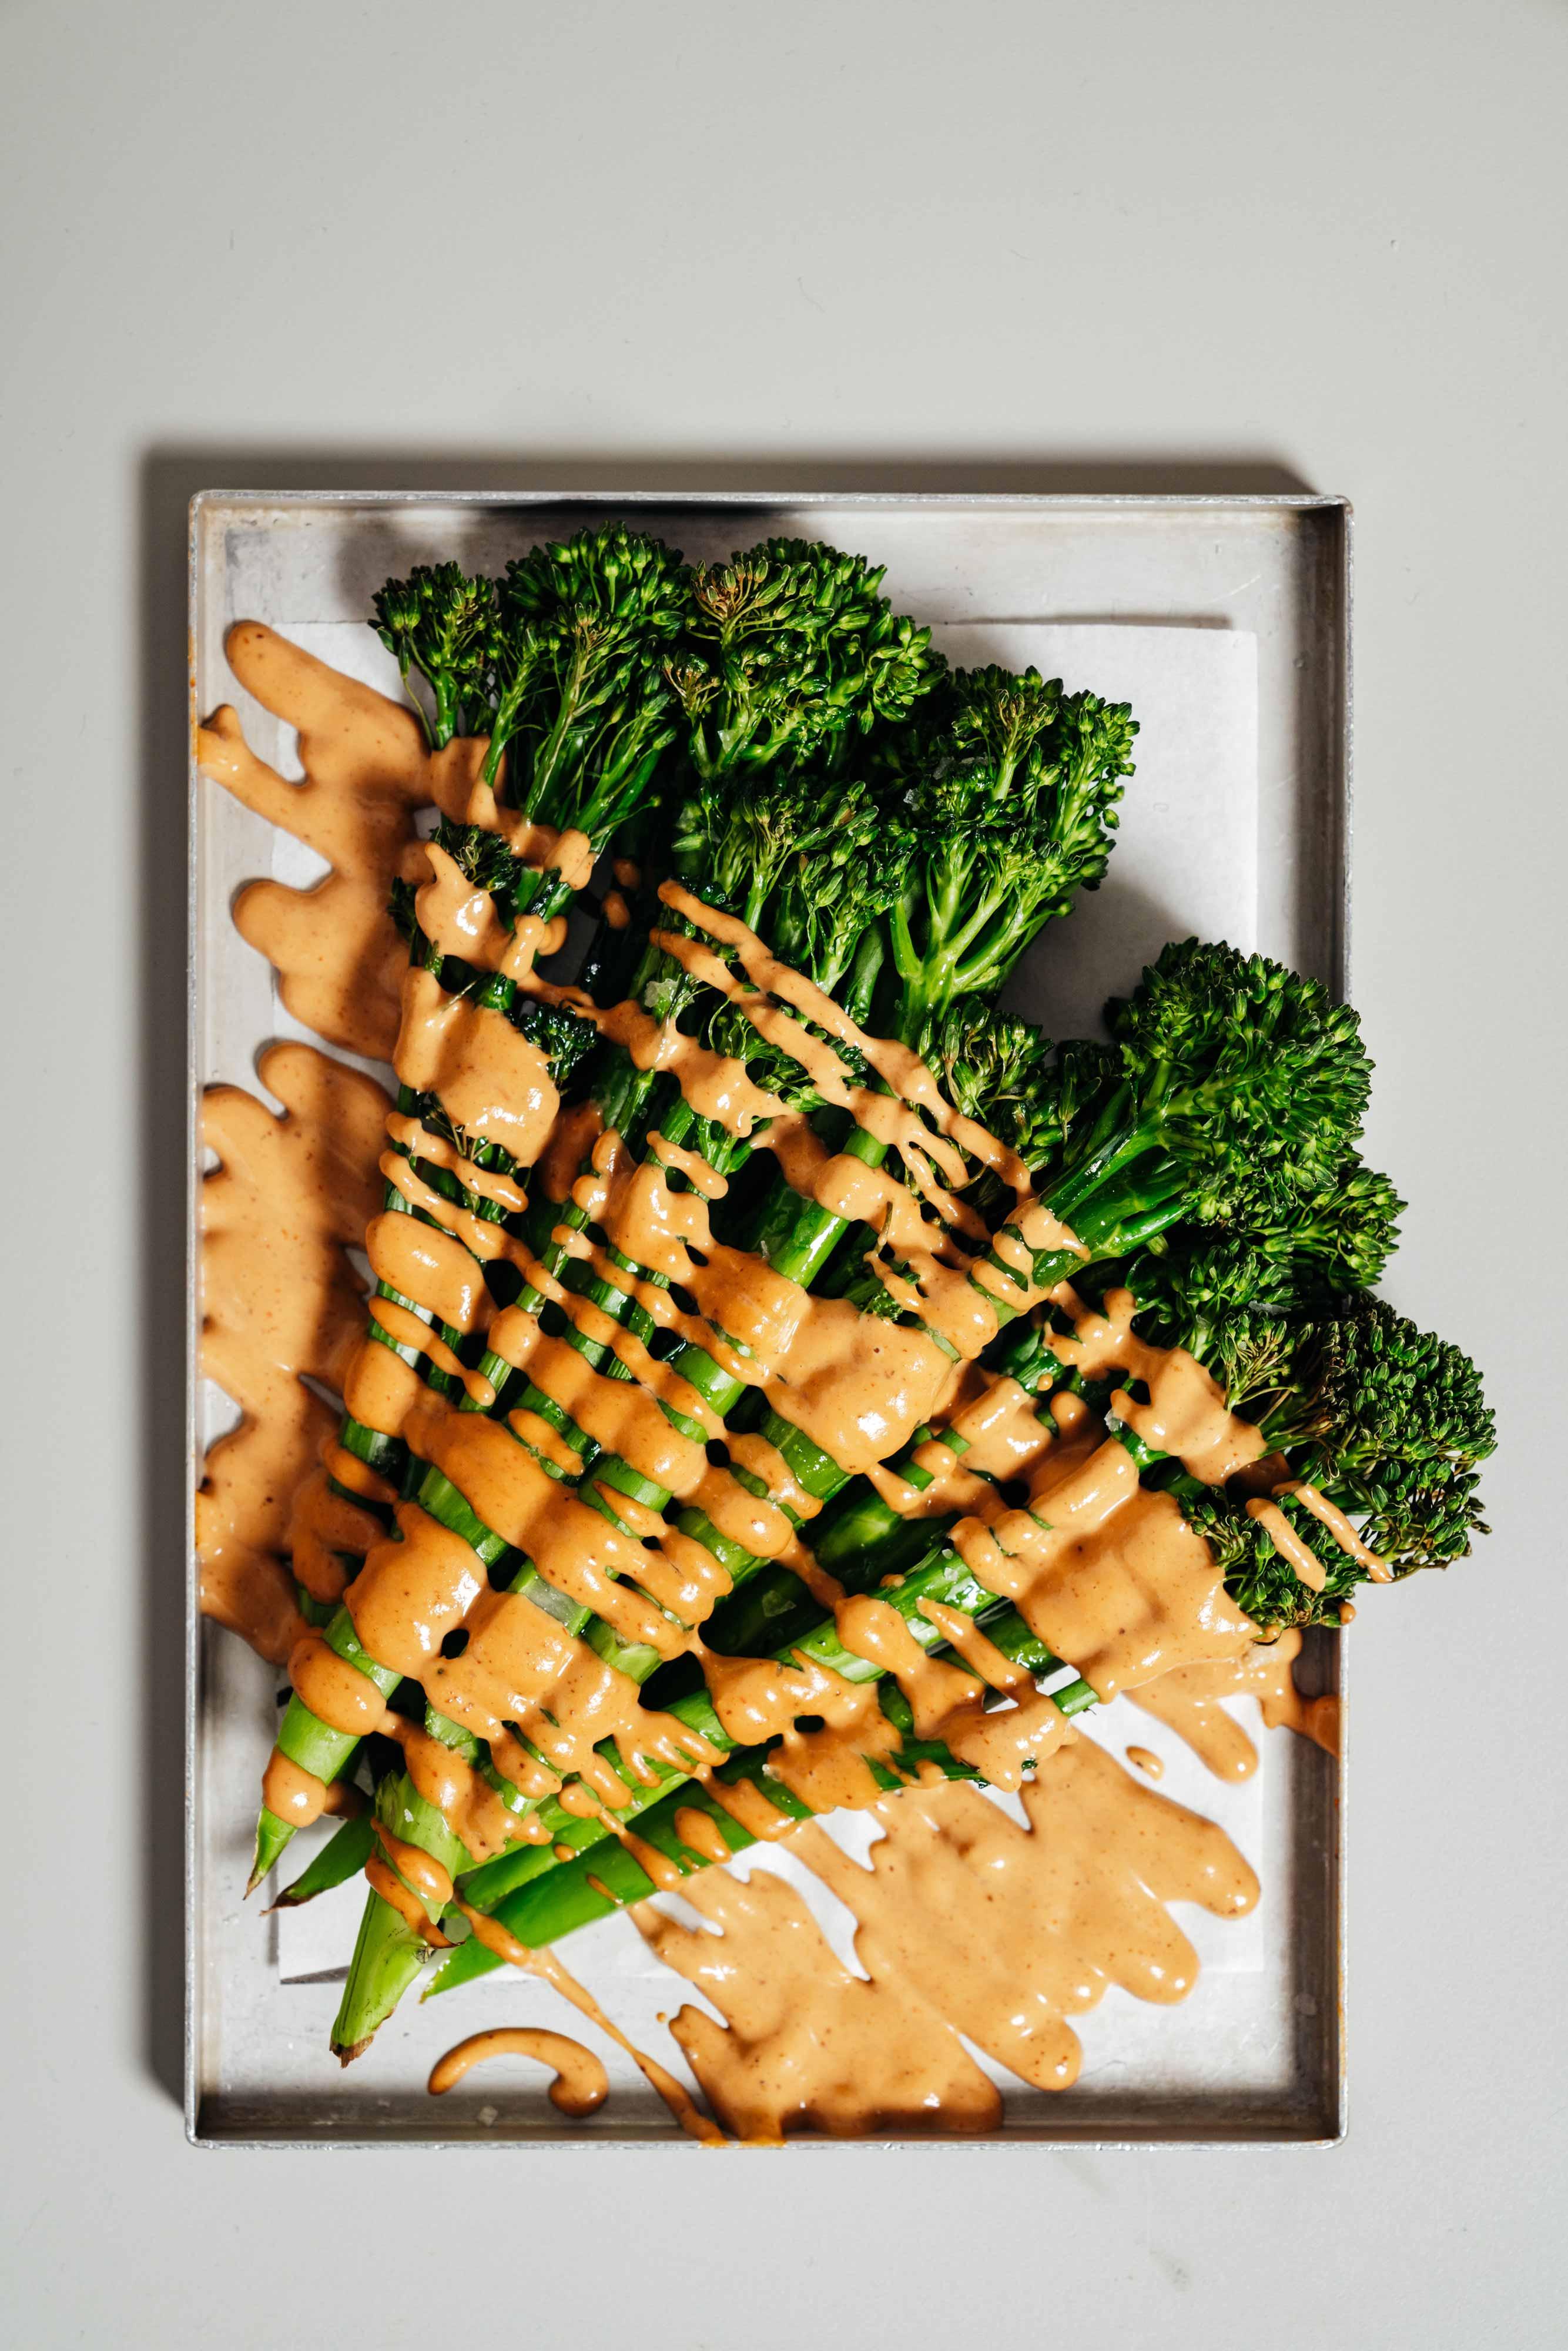 Le Bab - Vegetarian spicy broccoli